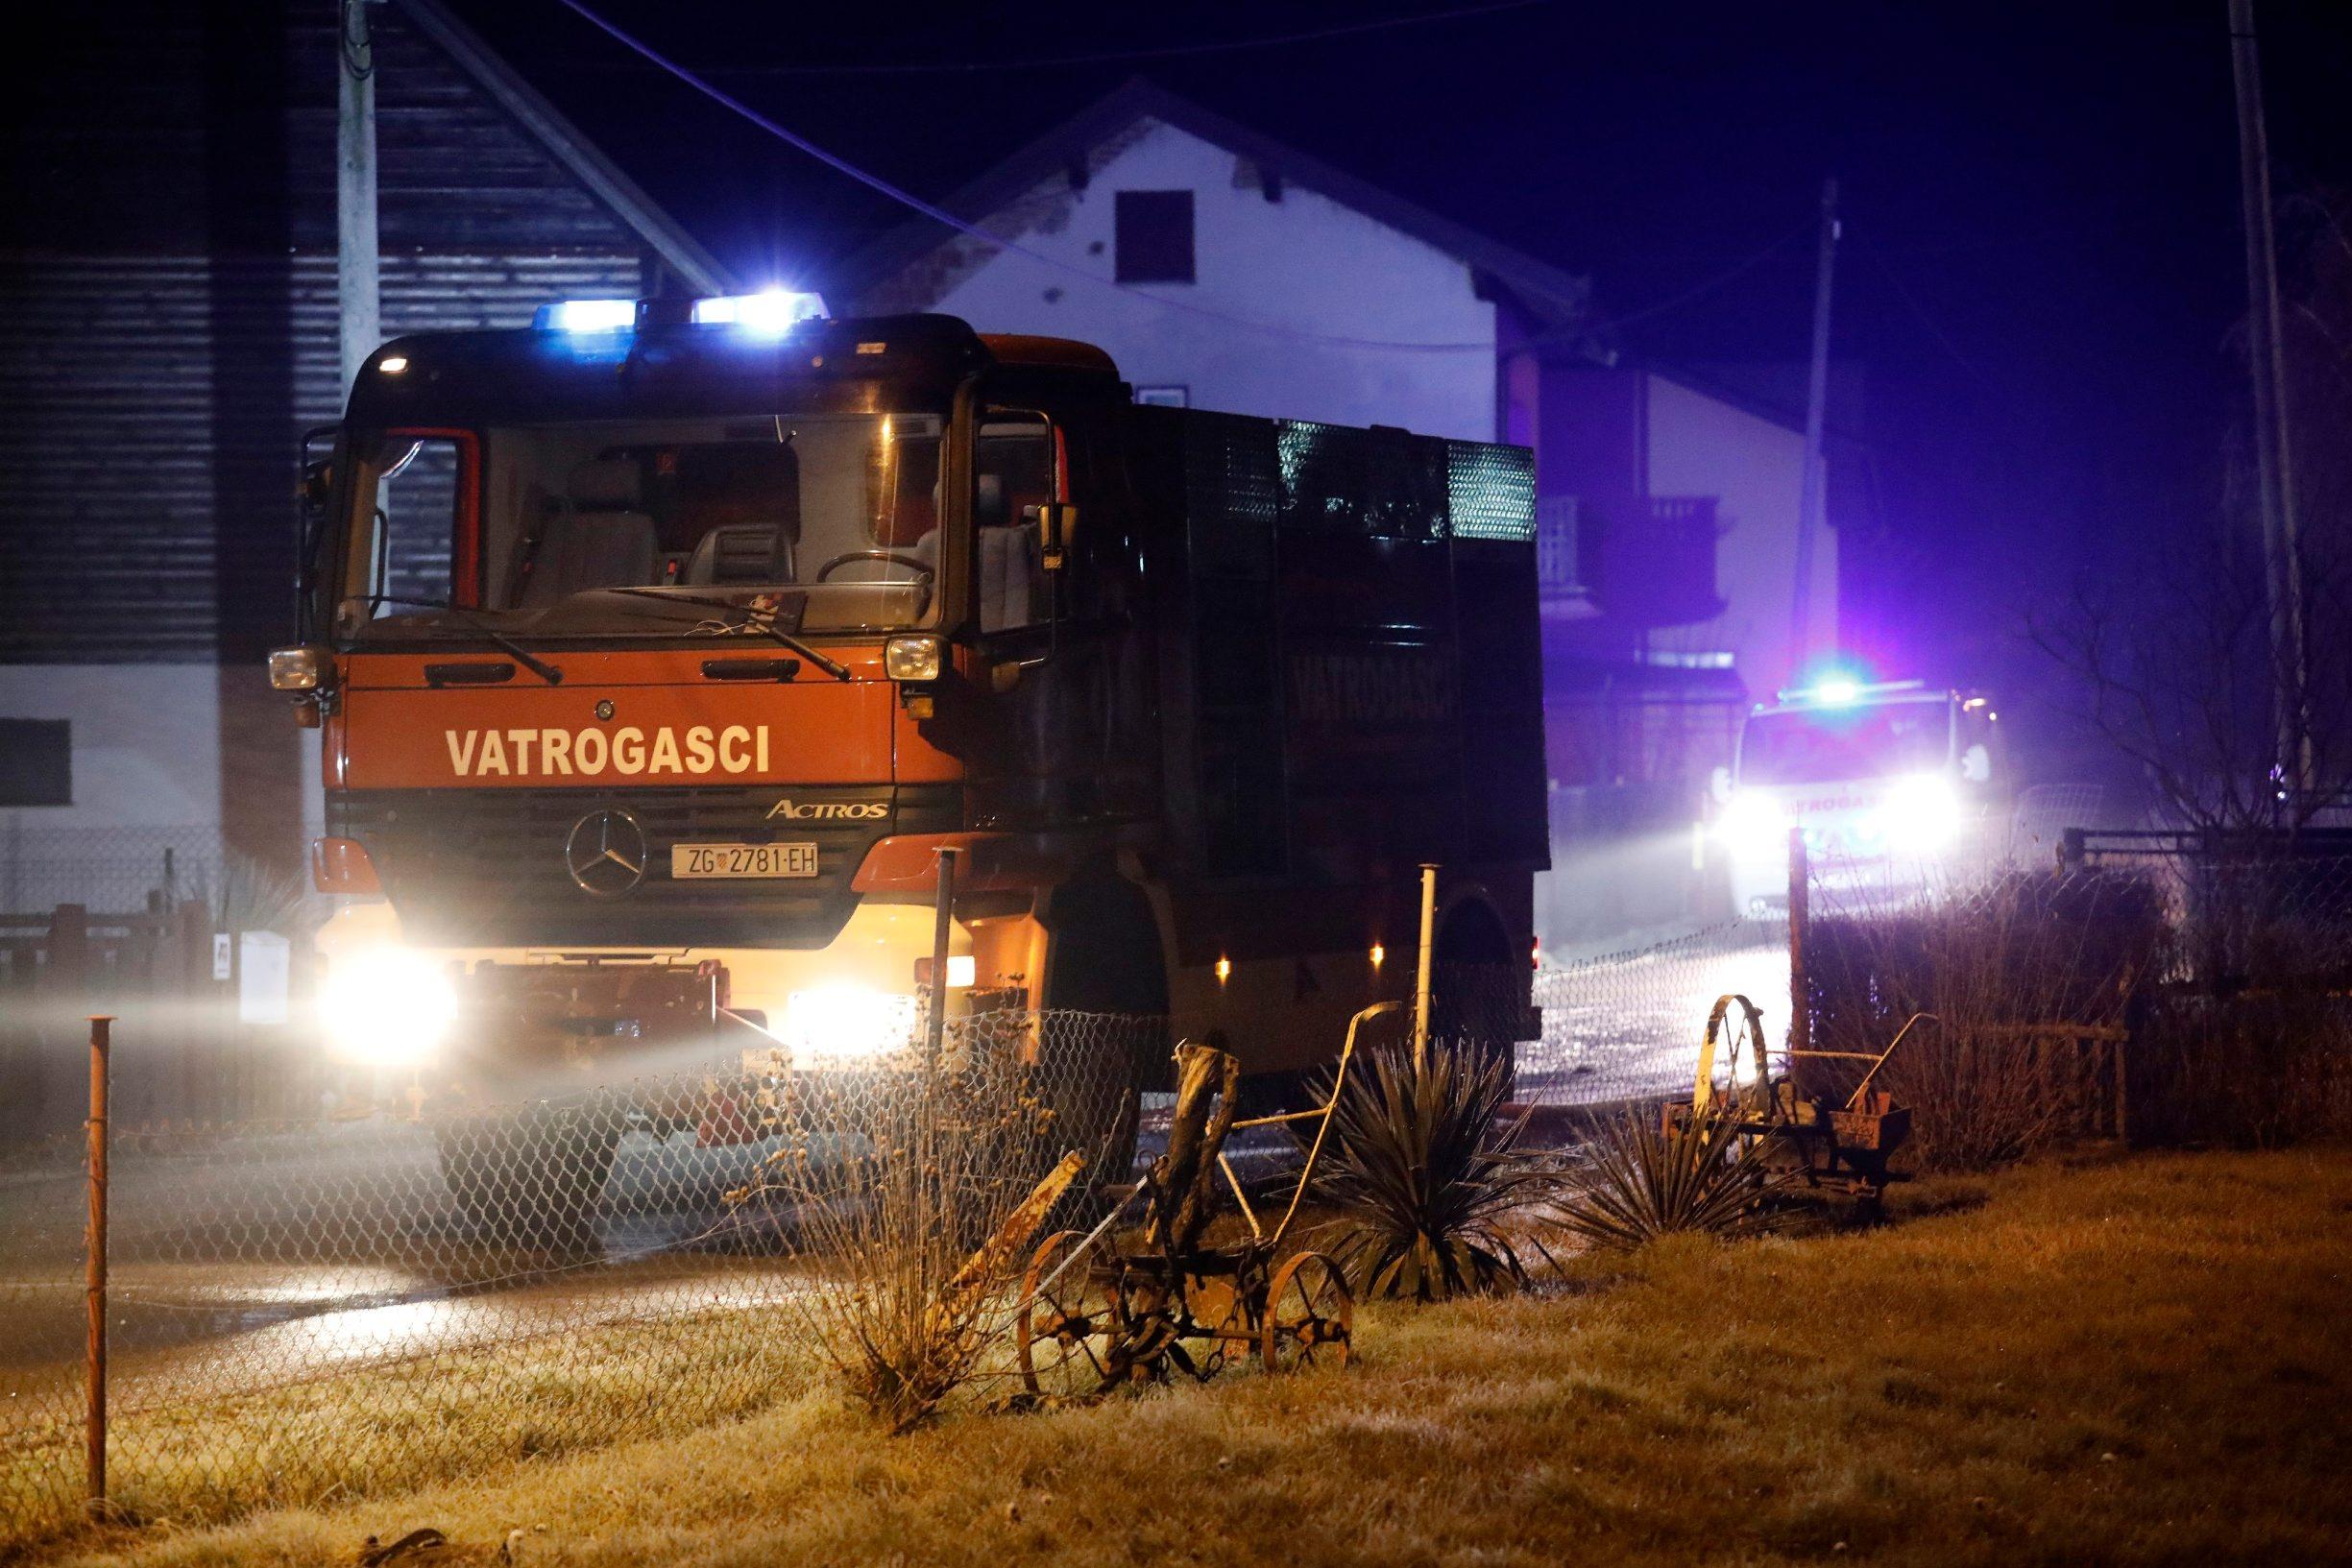 V. Gorica, 250120. Barbarici Kravarski. Policija obavlja ocevid na mjestu pozara u obiteljskoj kuci pri cemu je smrtno stradala jedna osoba. Foto: Tomislav Kristo / CROPIX